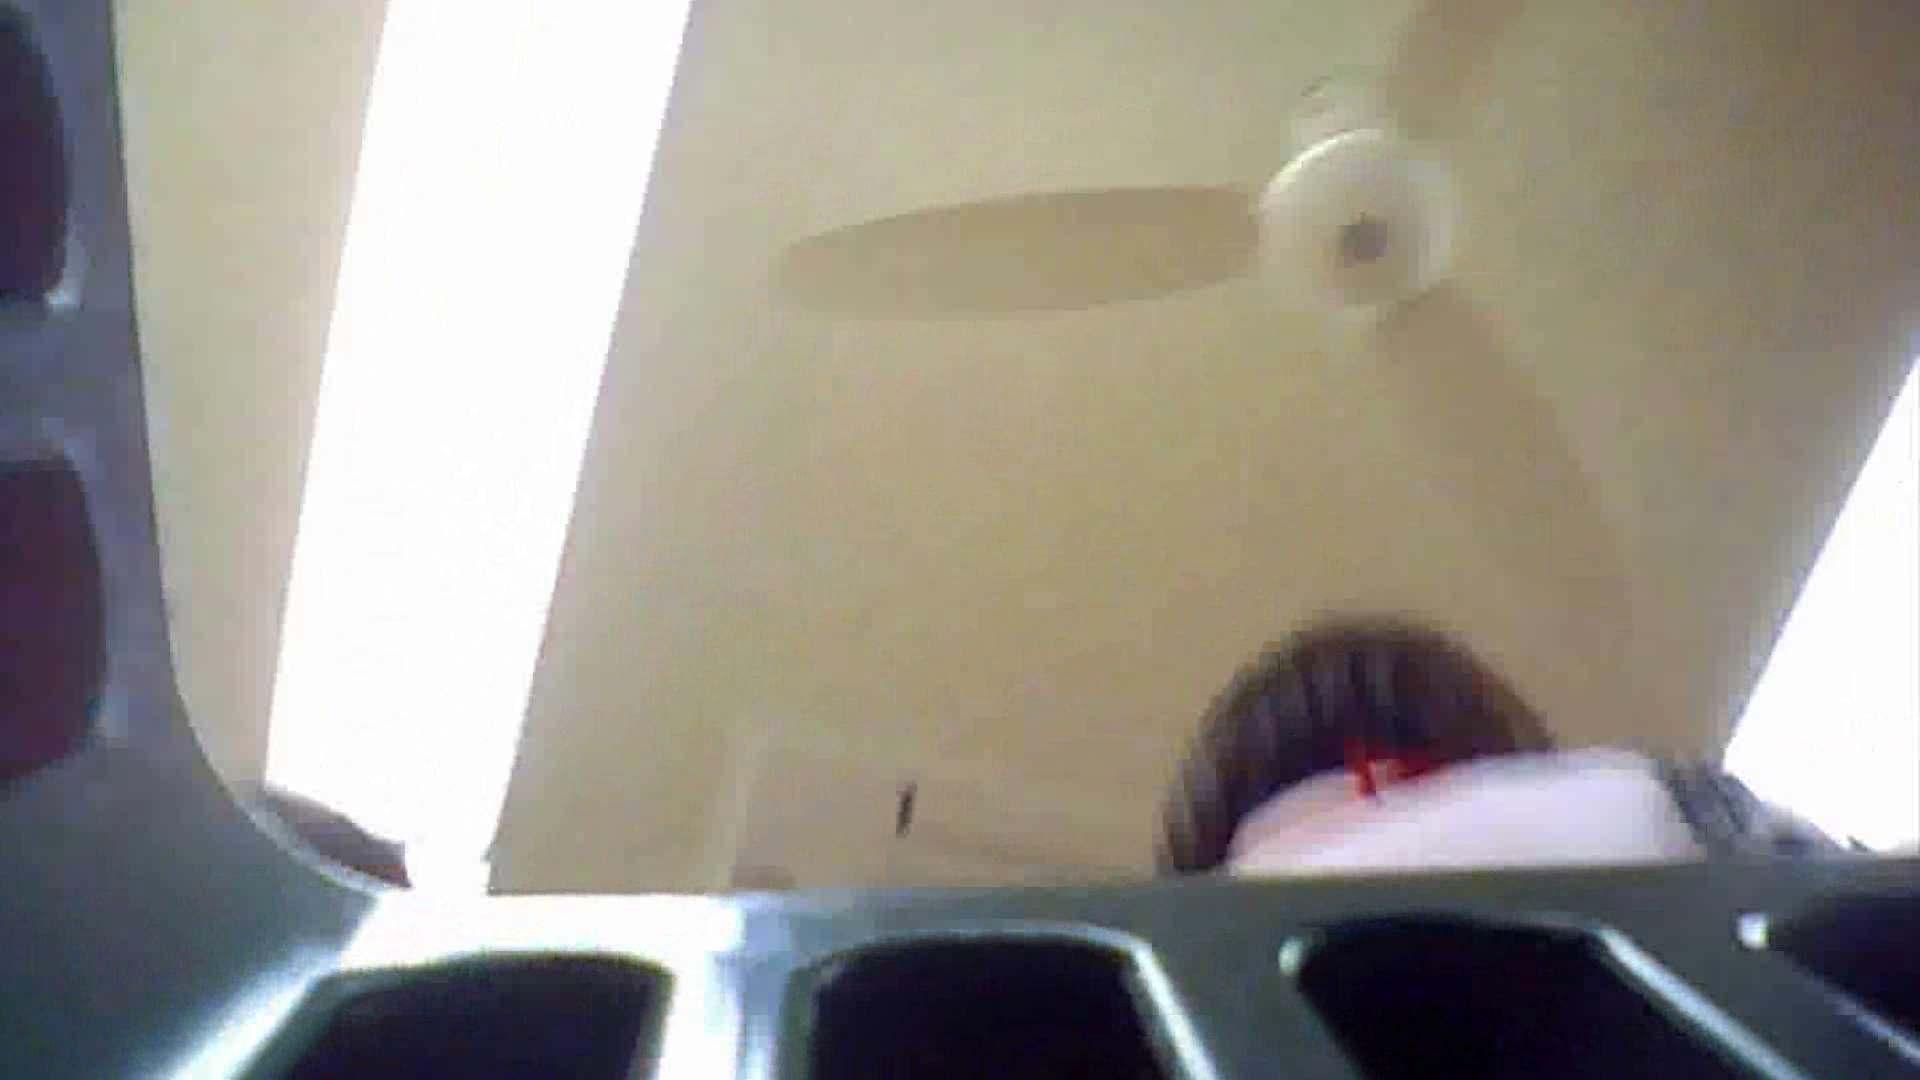 真剣に買い物中のgal達を上から下から狙います。vol.11 美しいOLの裸体  78pic 44